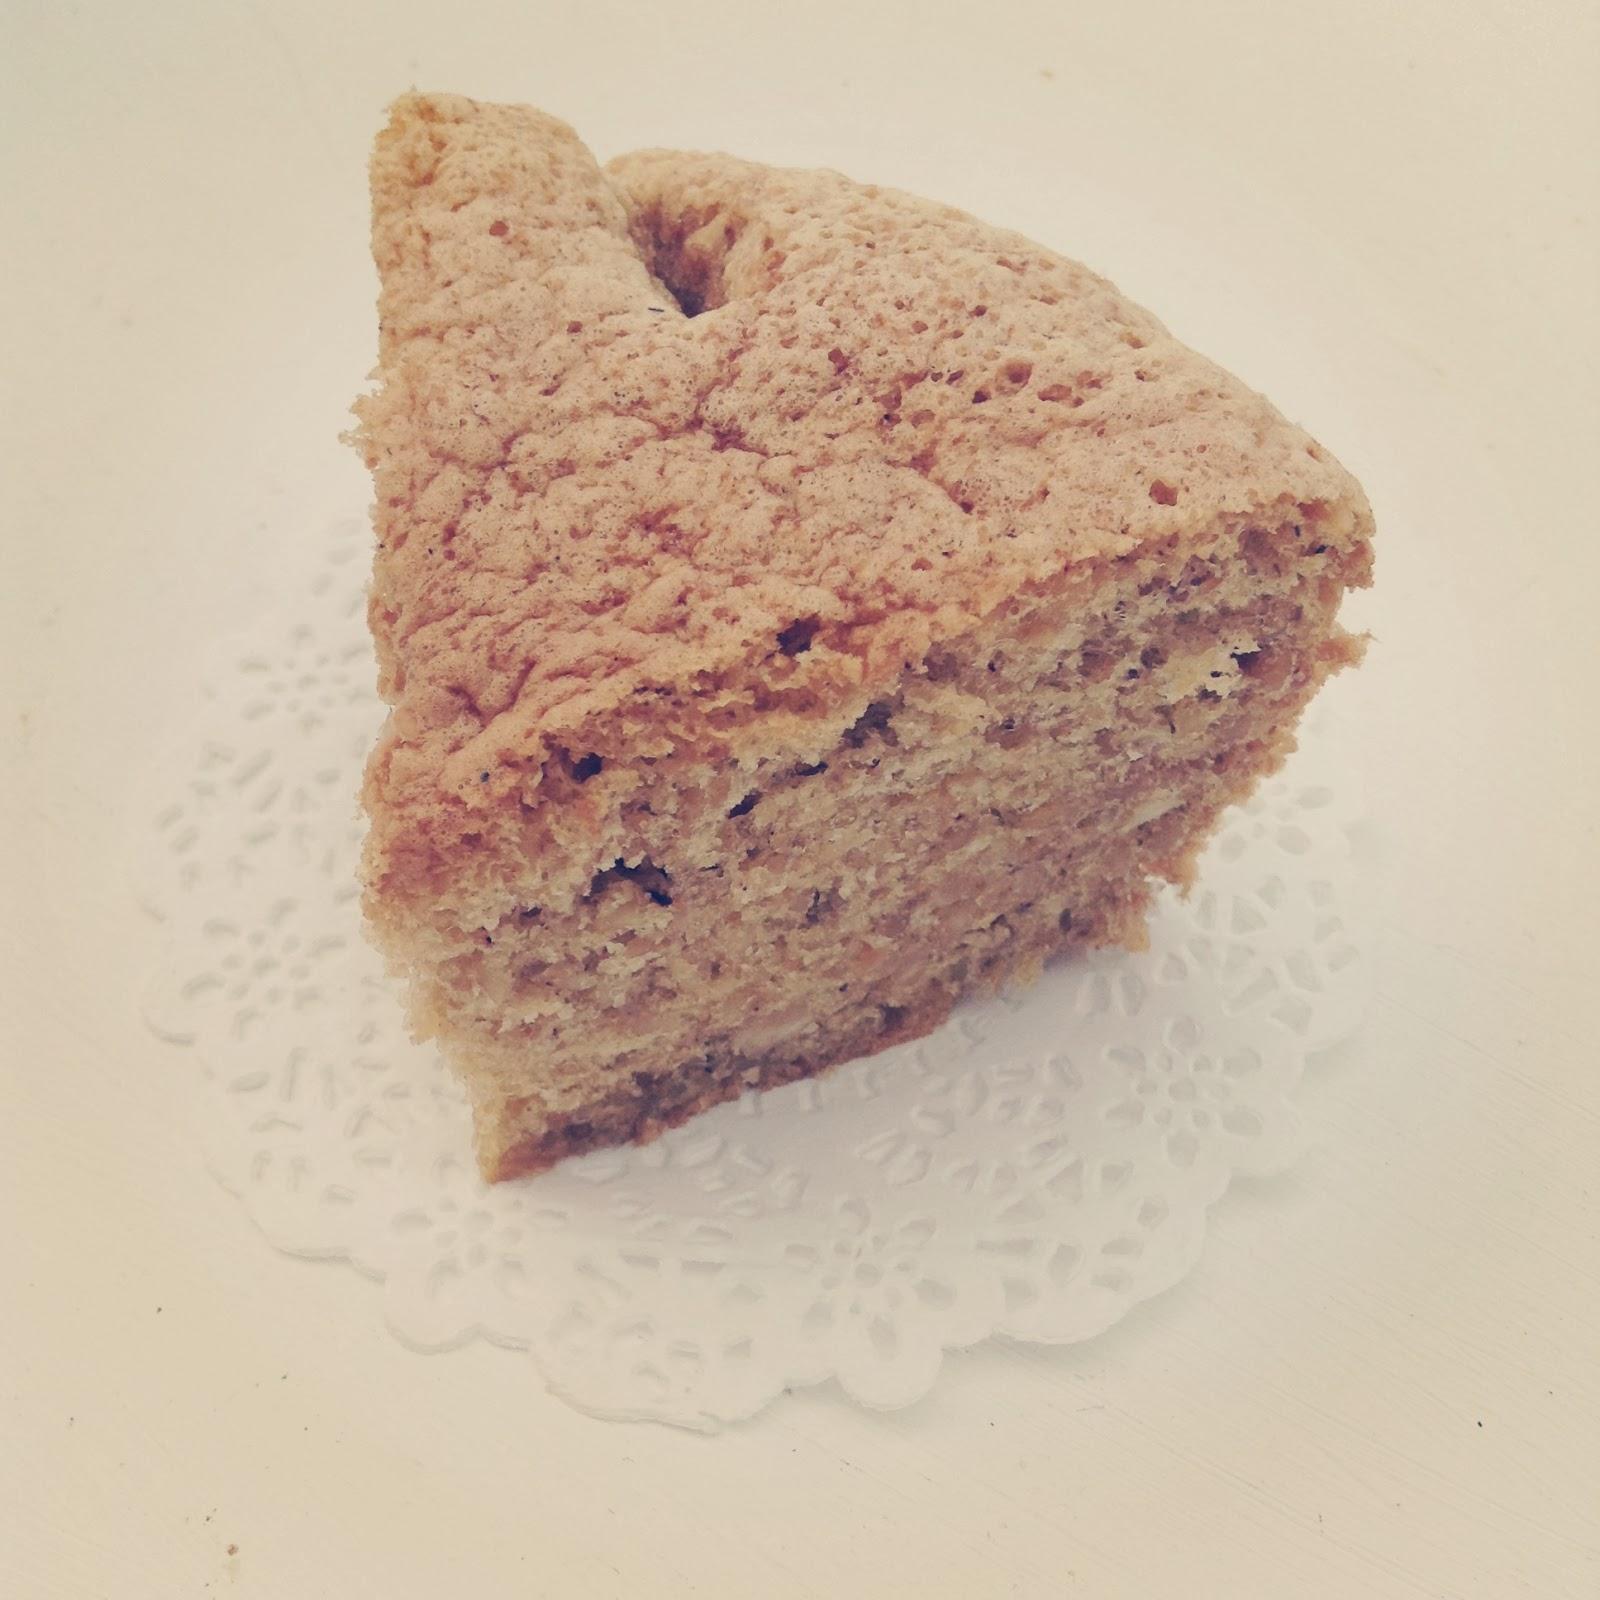 gâteau aux noisettes hazelnuts cake